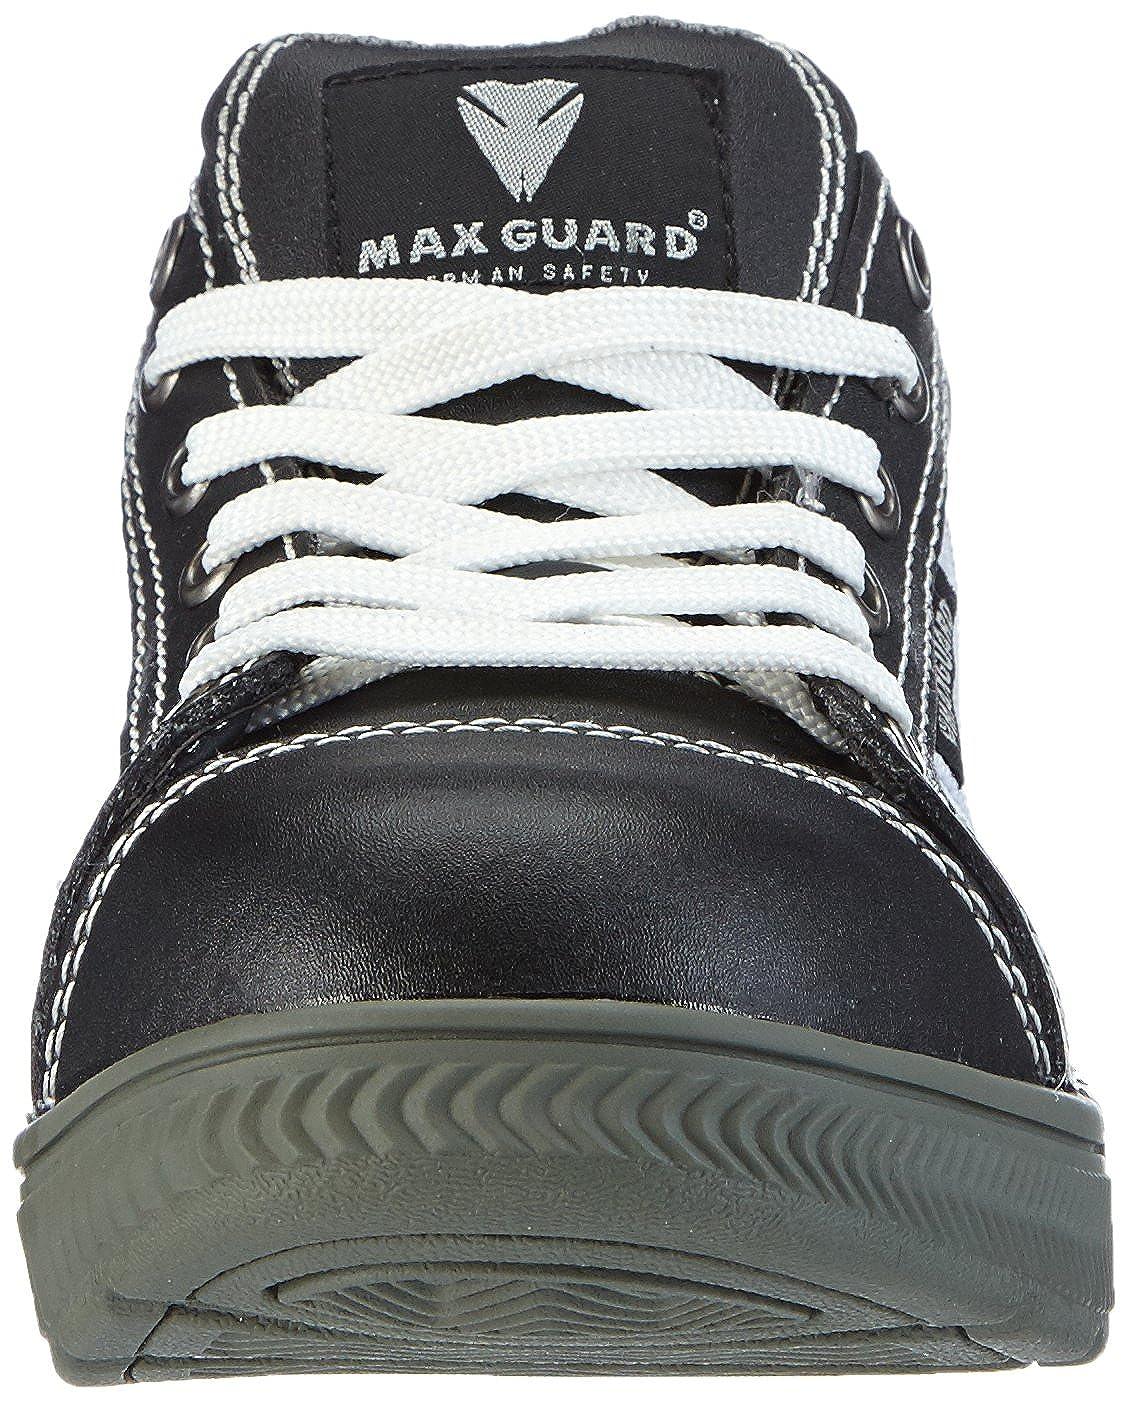 Chaussures de S/écurit/é Mixte Adulte Maxguard Shadow S035